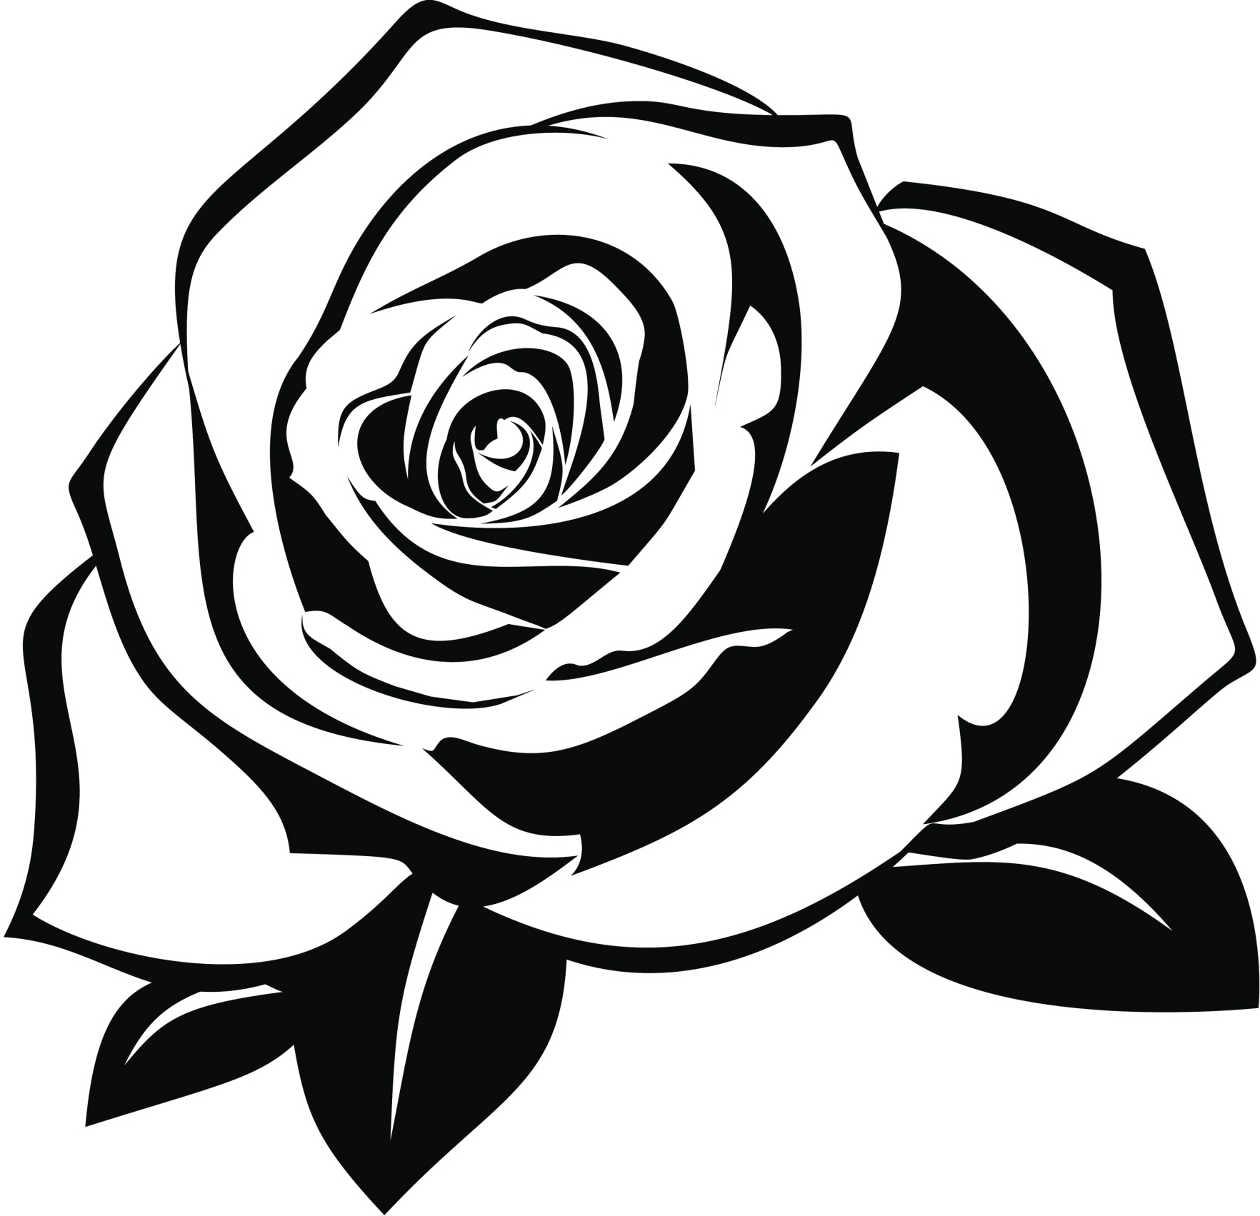 6e80b88afe Rosas Para Colorear Tatoo dibujos para colorear de rosas bonitas ...